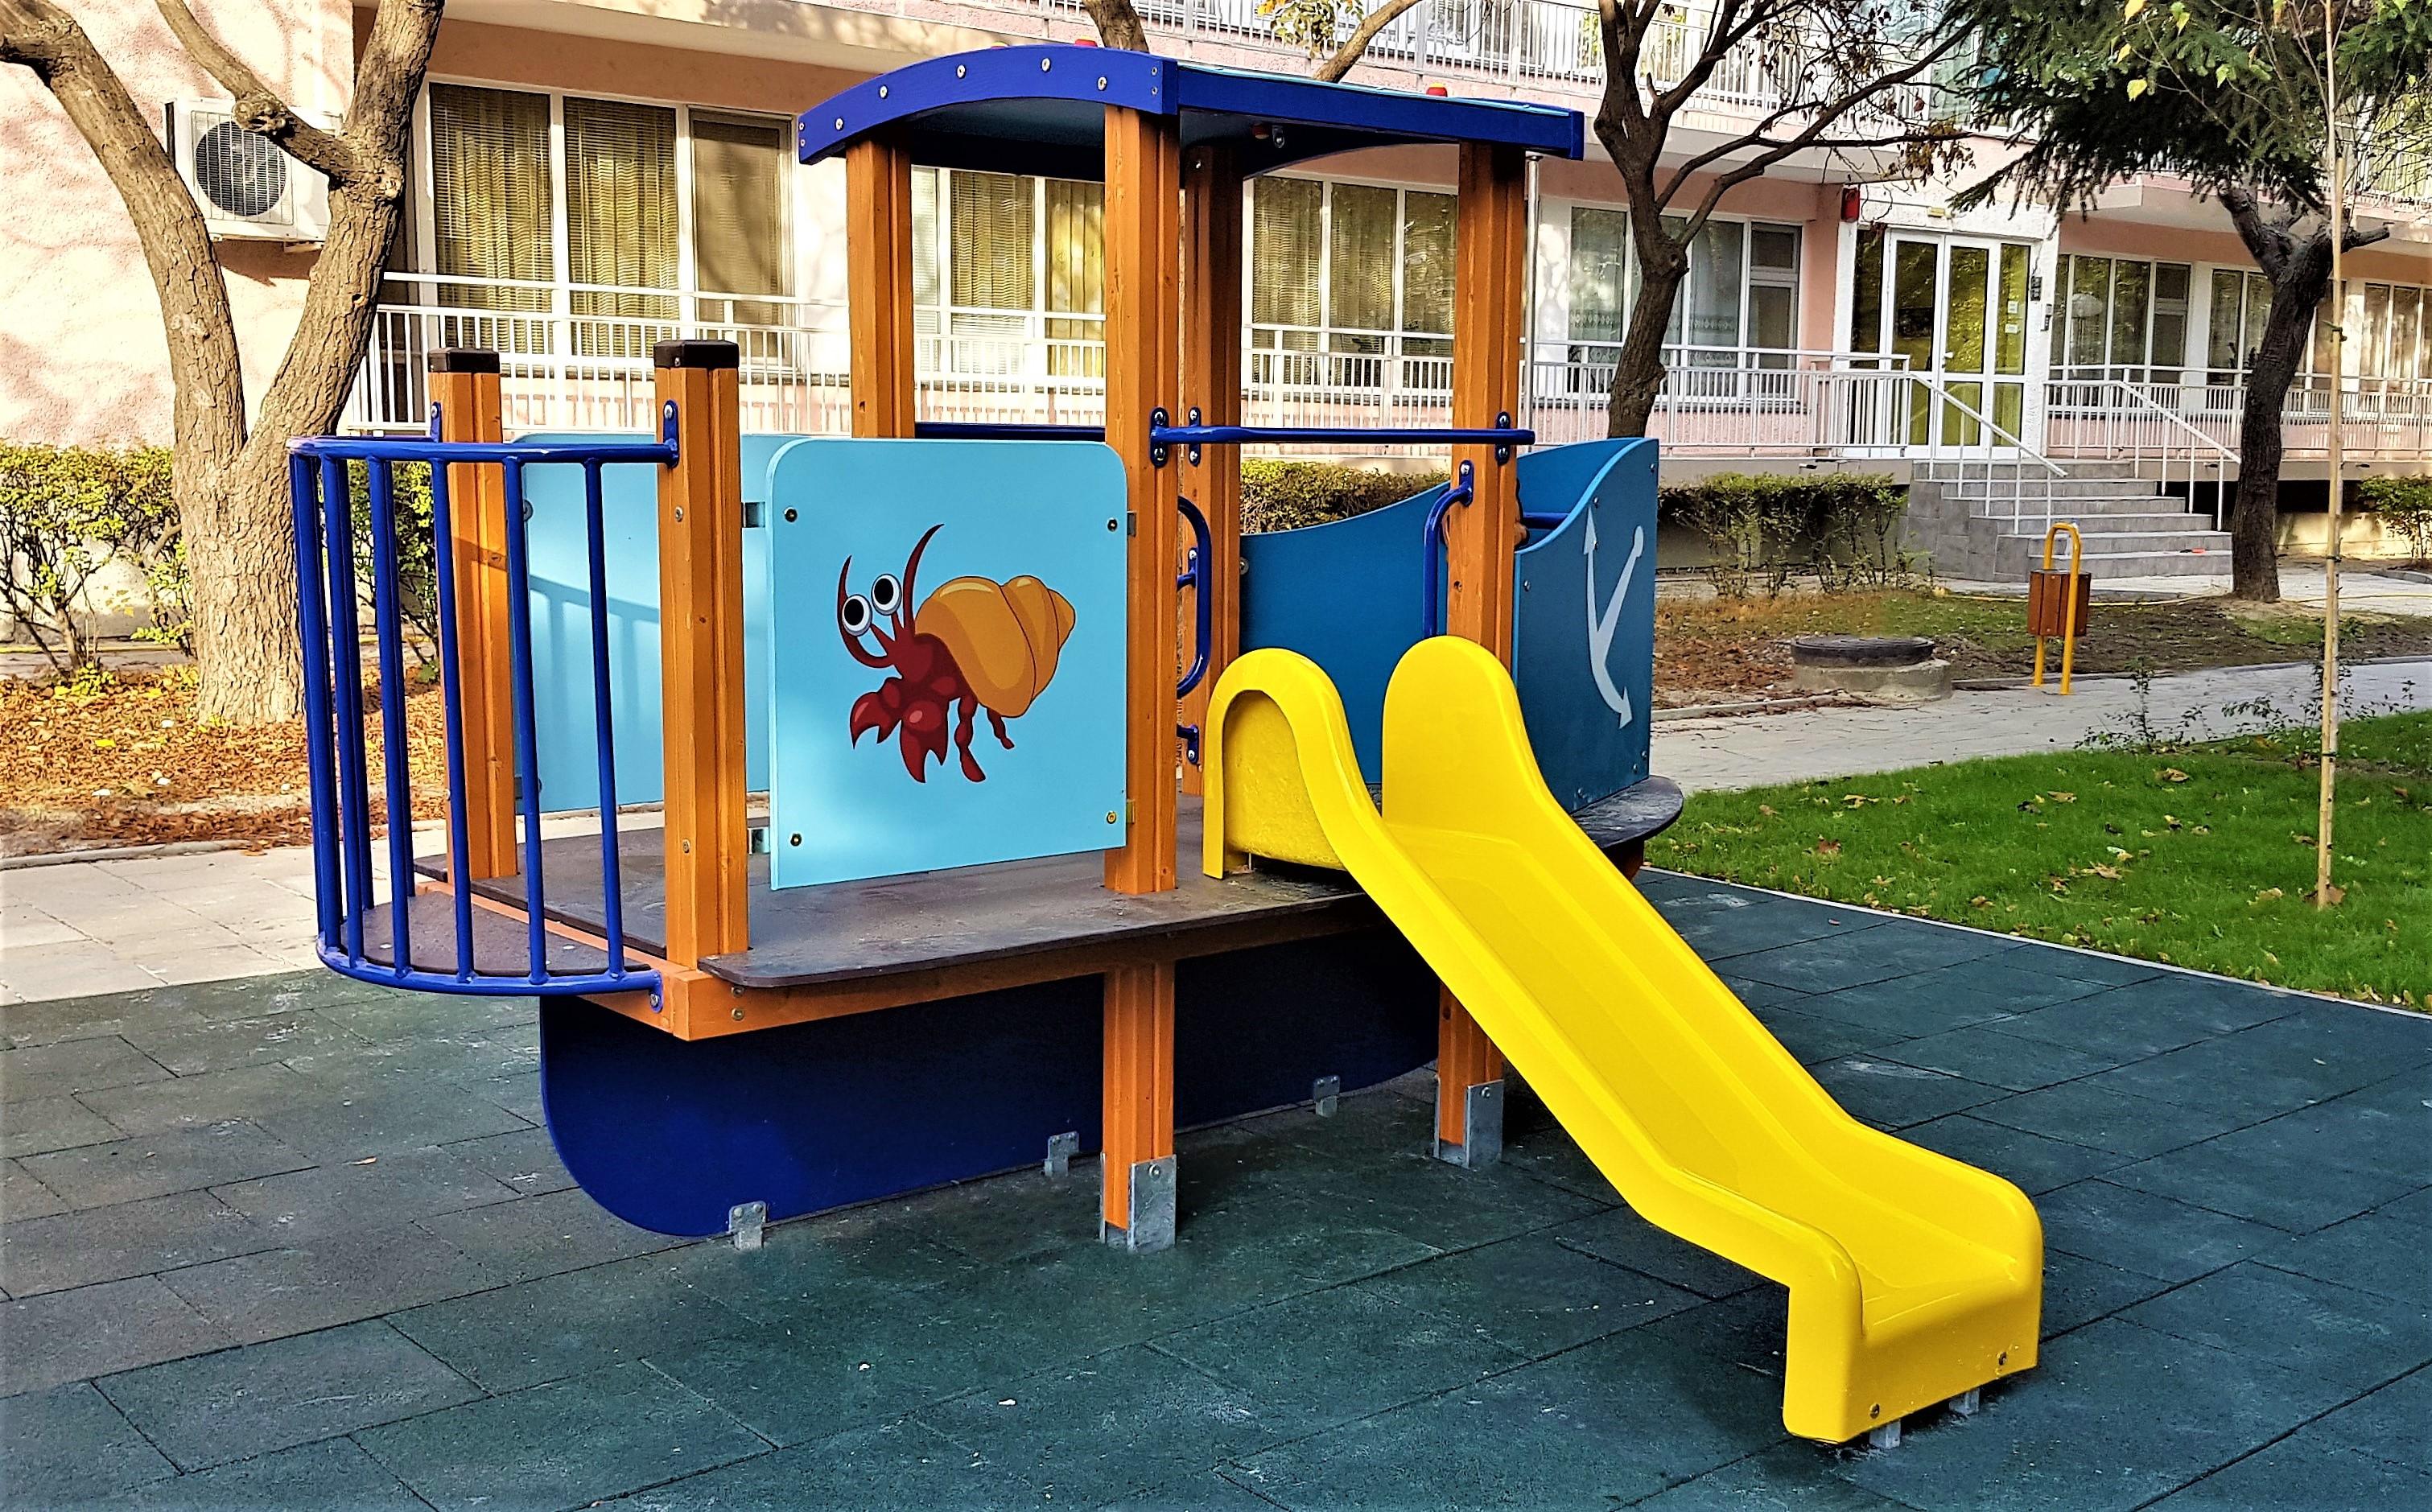 """Снимка на продукта: Комбинирано детско съоръжение, модел КД59 – """"Корабчето"""""""